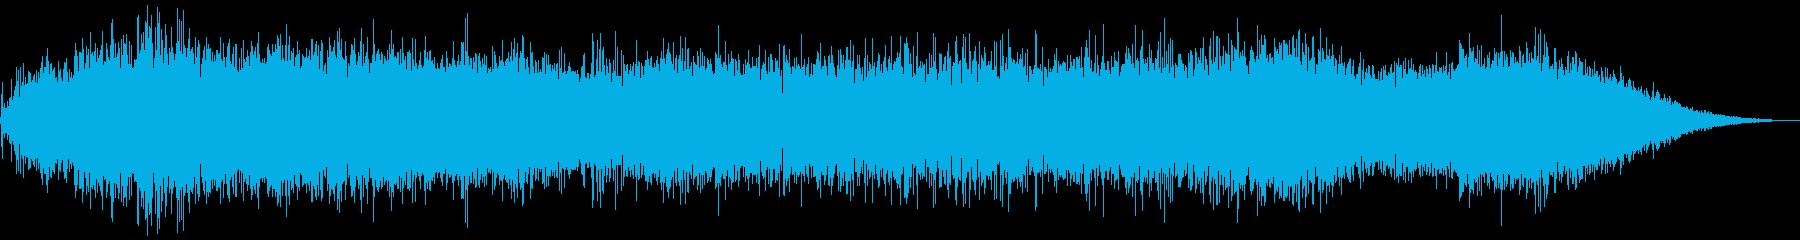 【ダークアンビエント】ホラースケイプ04の再生済みの波形